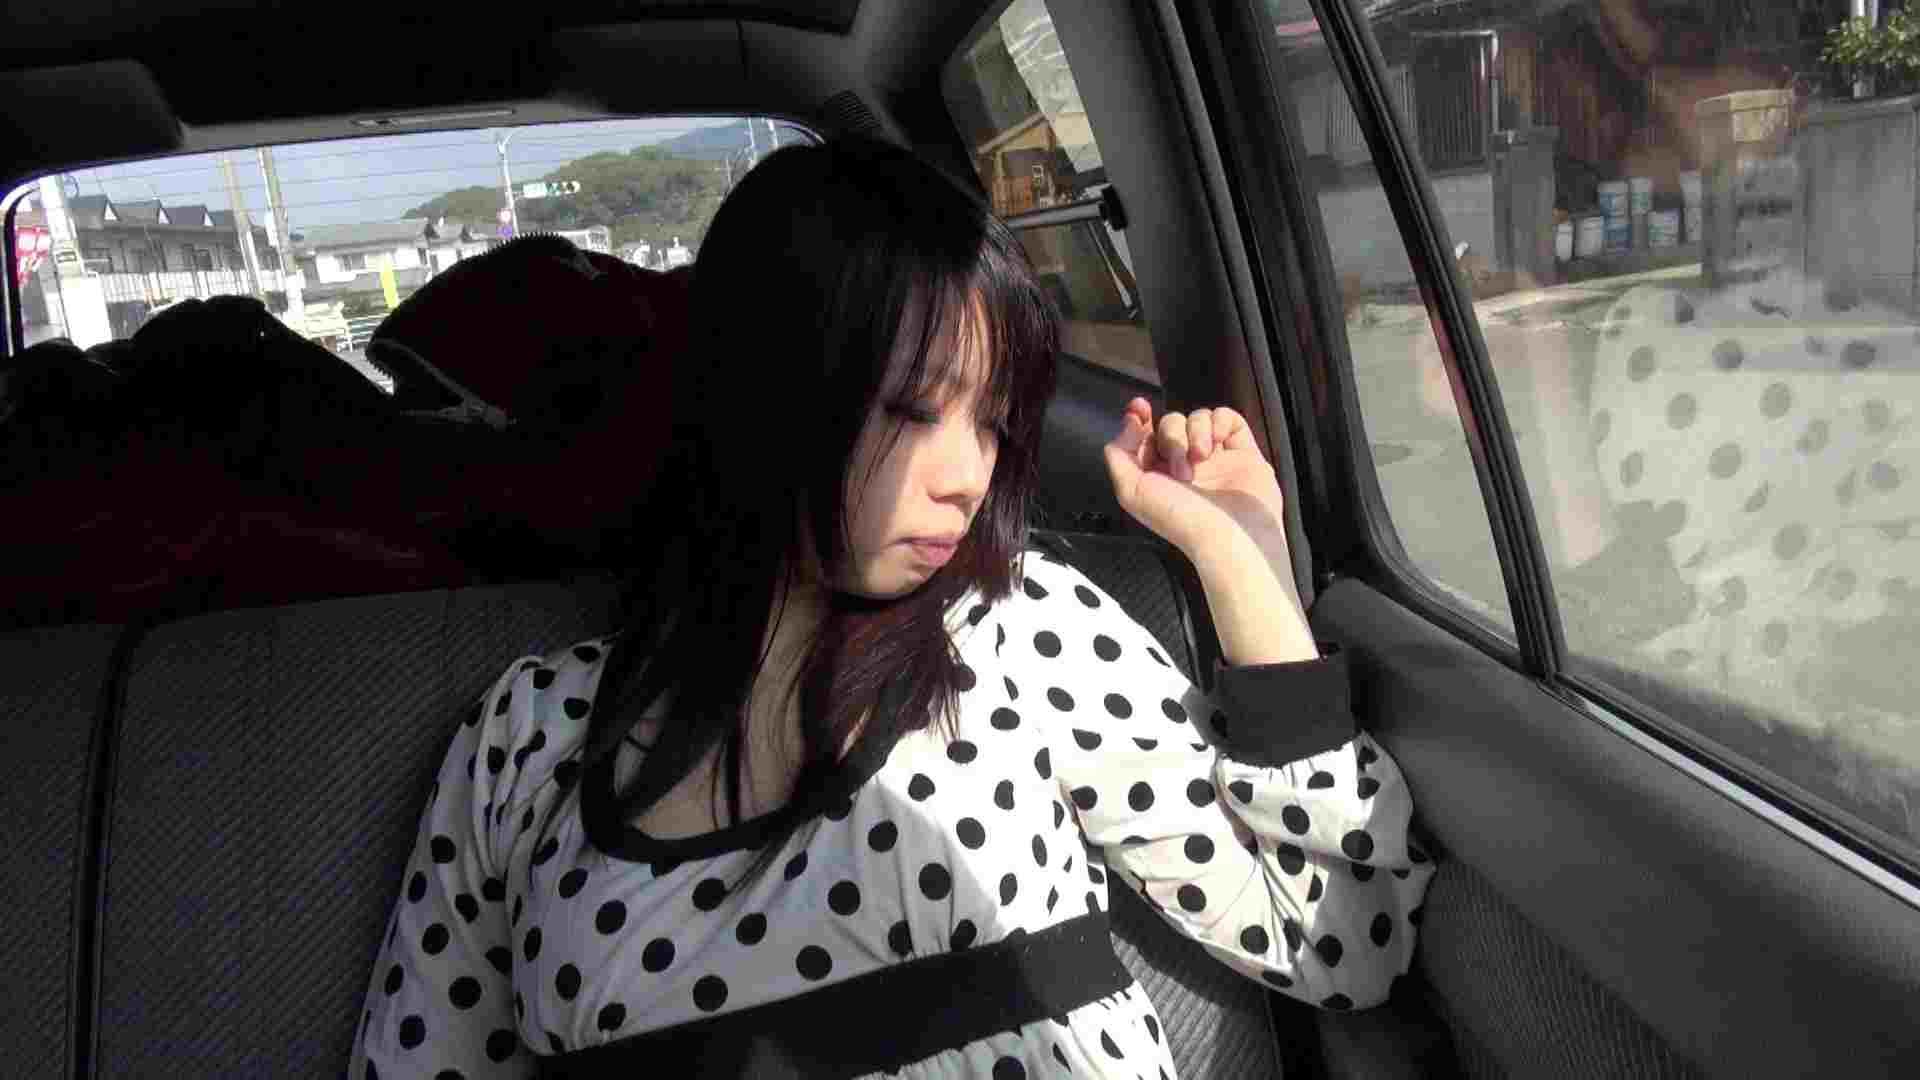 vol.4 鬼神さん様子見で車内ローター攻め 高画質 スケベ動画紹介 99画像 3